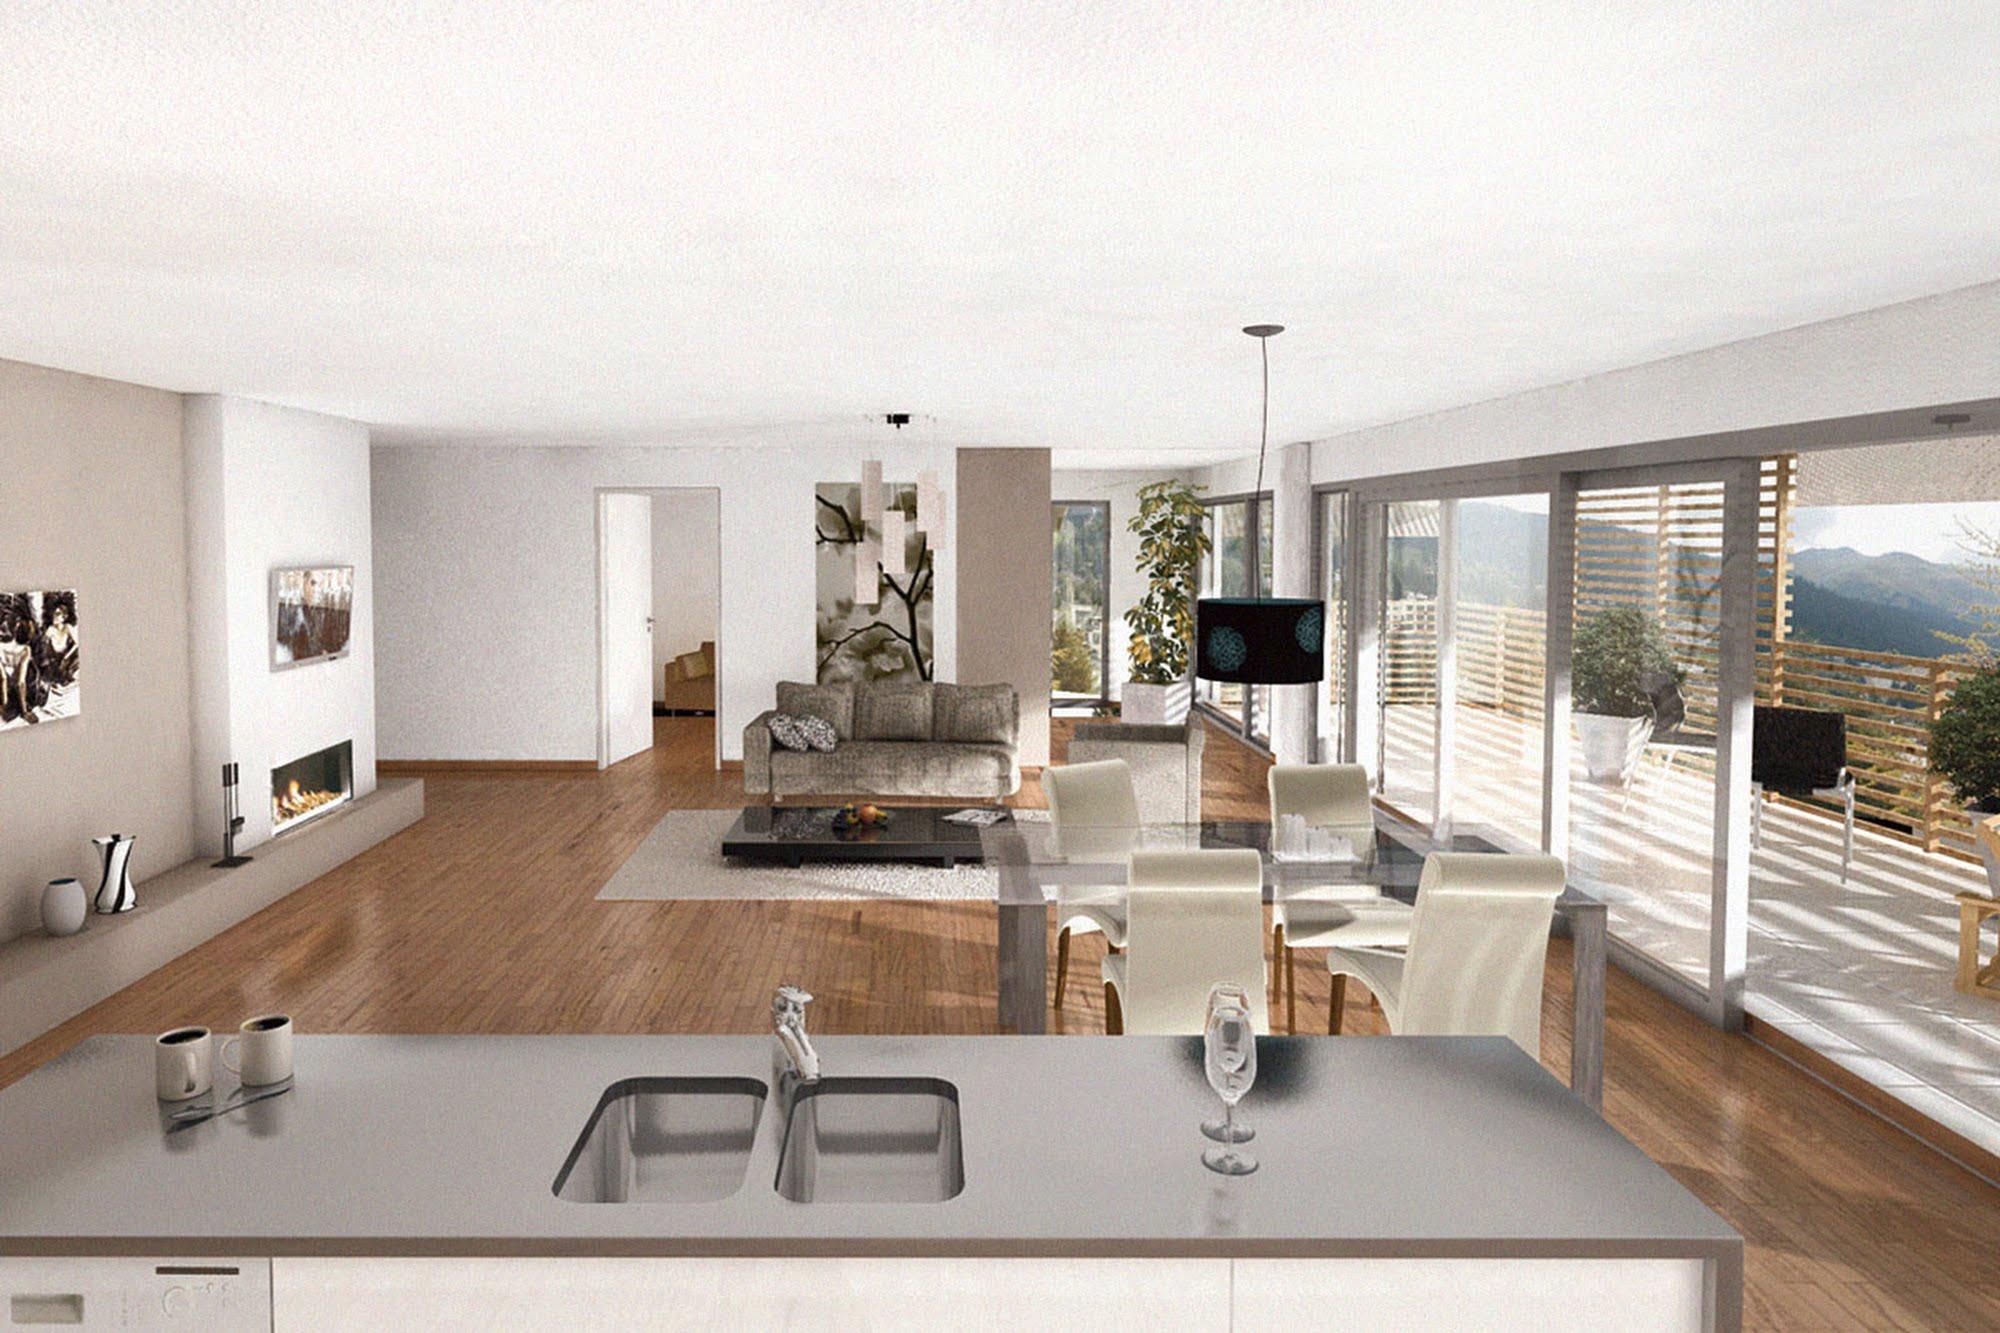 Wohnen MFH 4 MFH Mühlehof in Davos Architektur,Wohnungsbau,Wohnhäuser,Einfamilienhäuser,Mehrfamilienhäuser